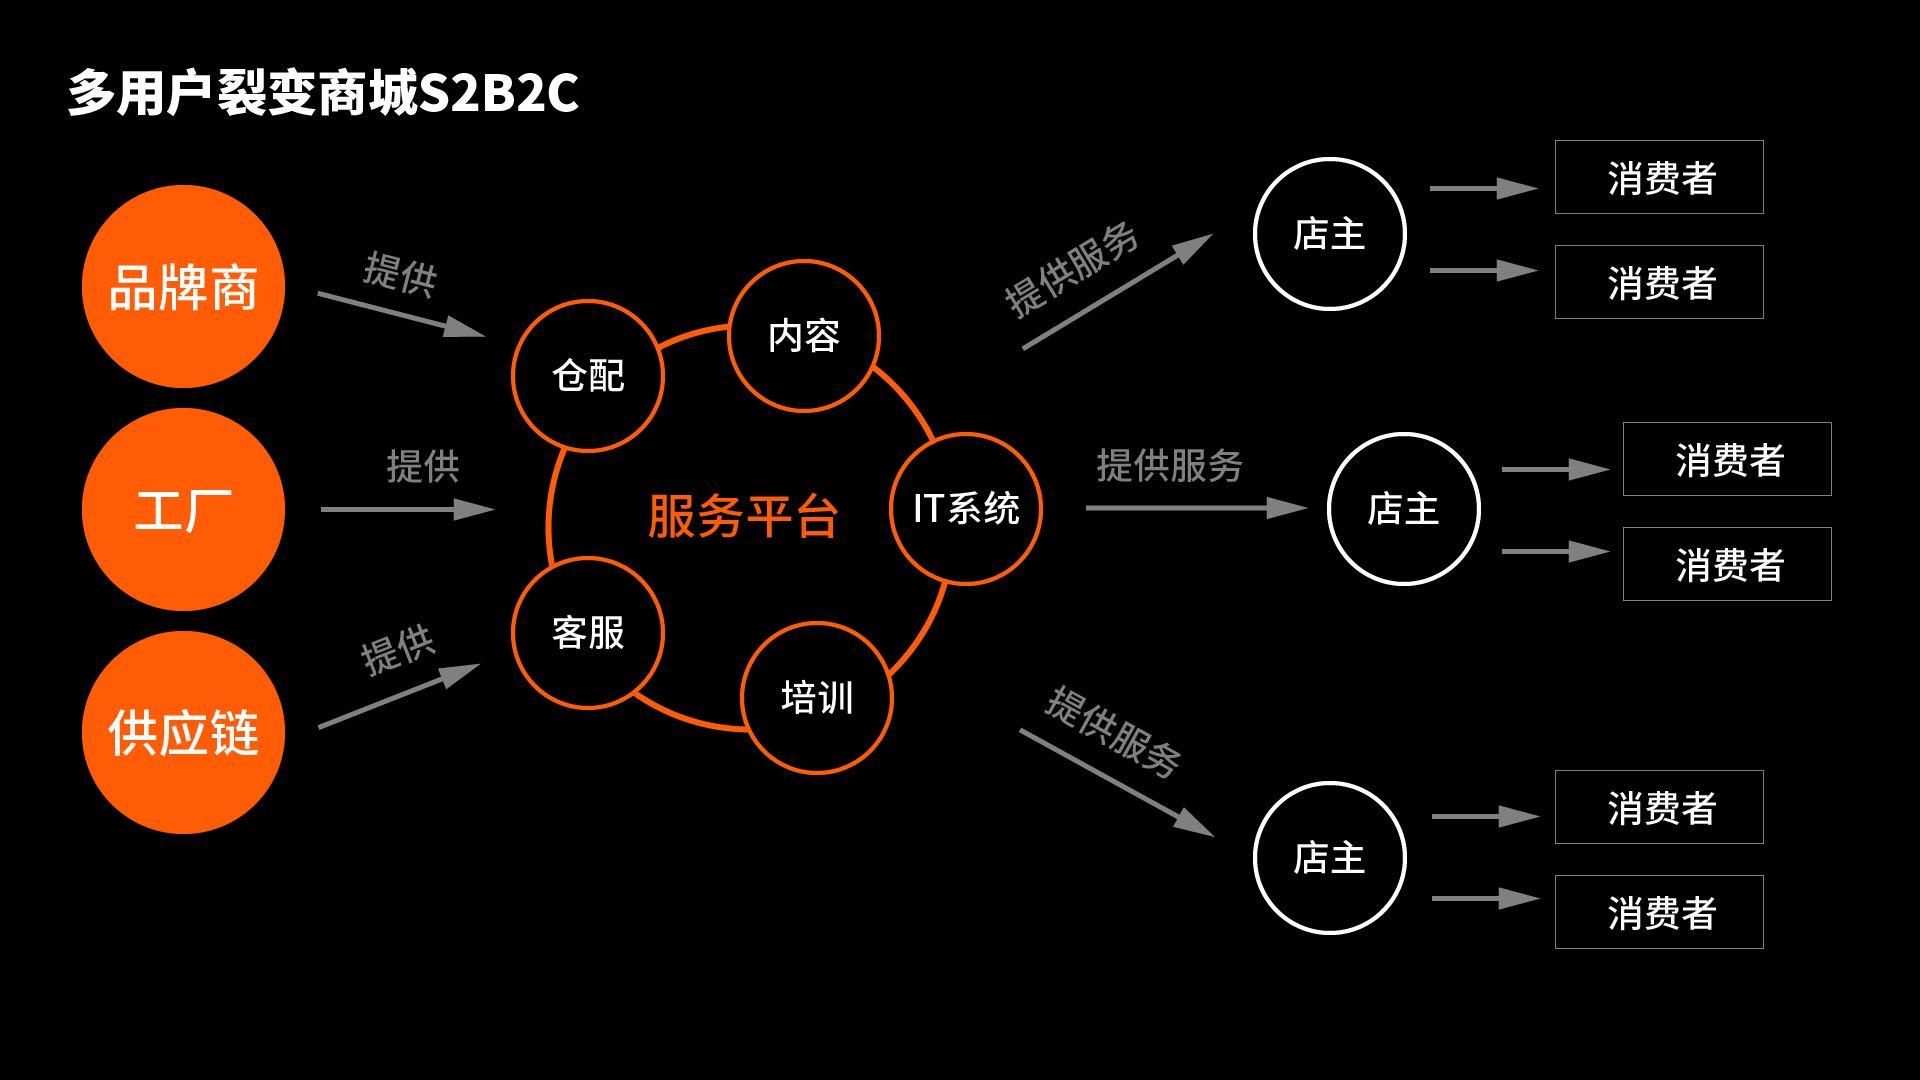 社交新零售(S2B2C+O2O)